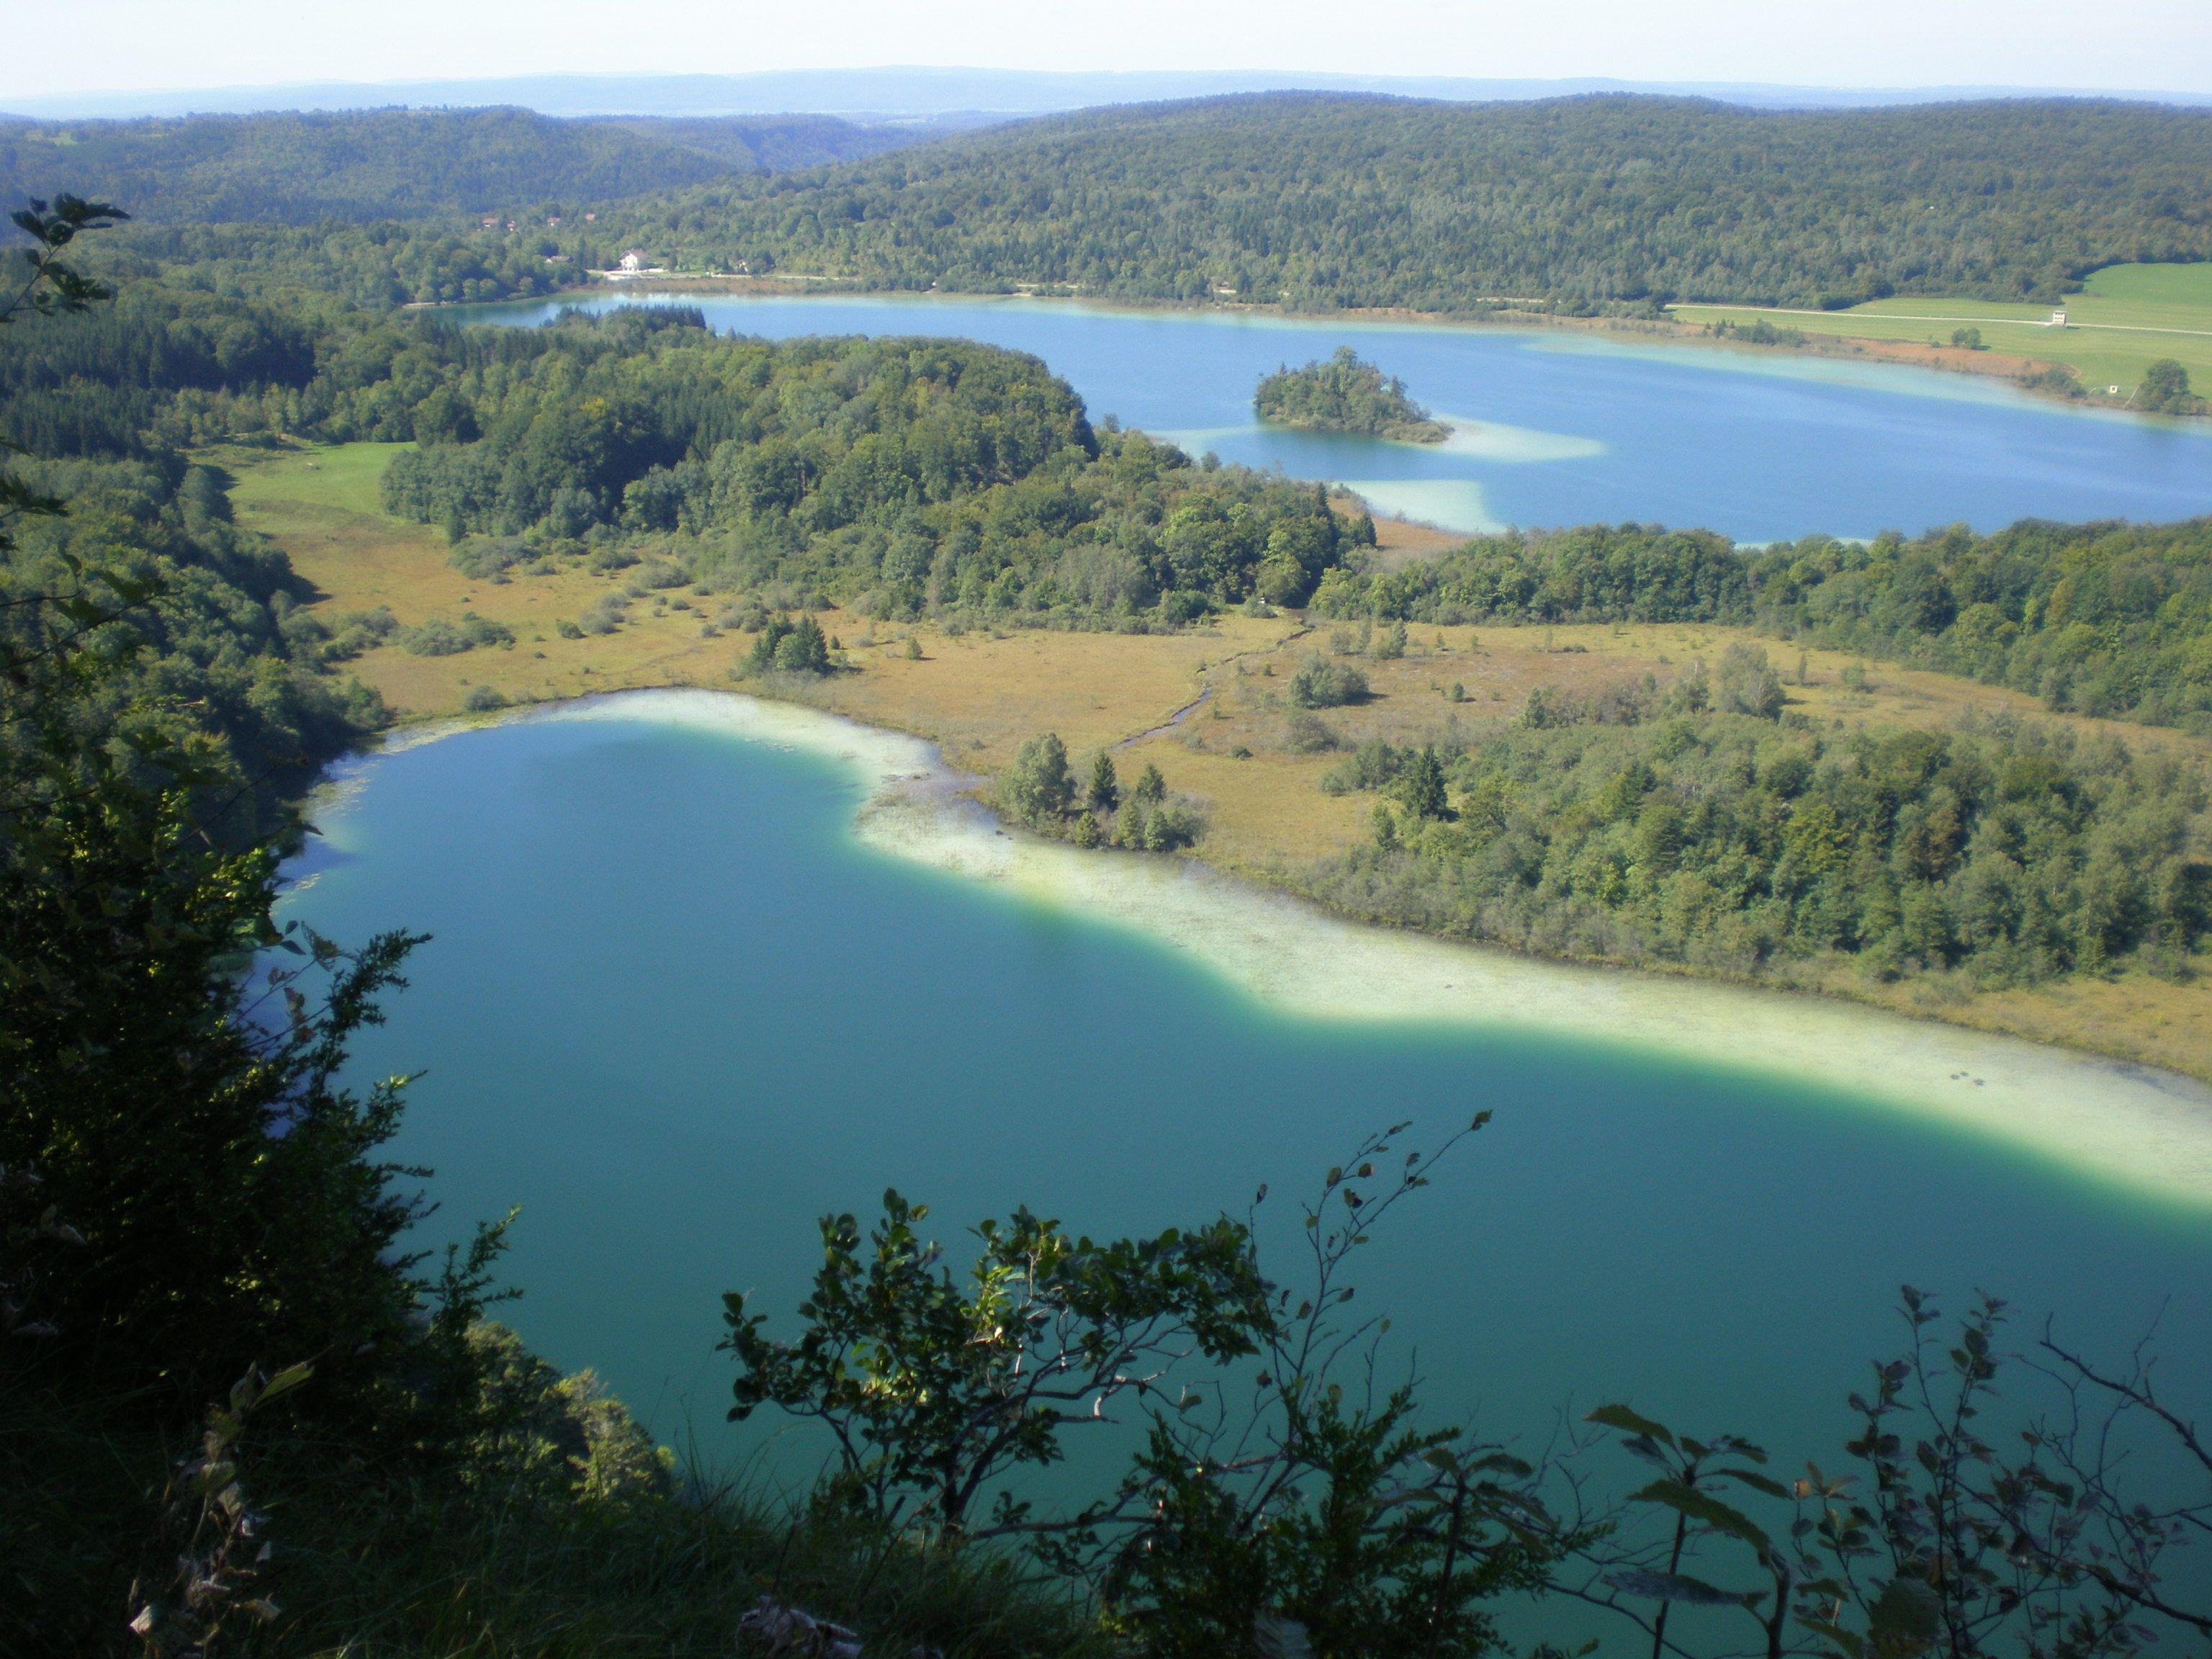 Monter Au Pic De L Aigle Vue Sur Lac D Ilay Lac Narlay Tour Des Lacs A Pied Ou Vtt En Famille Baignade En Ete Lac Franche Comte Corsica